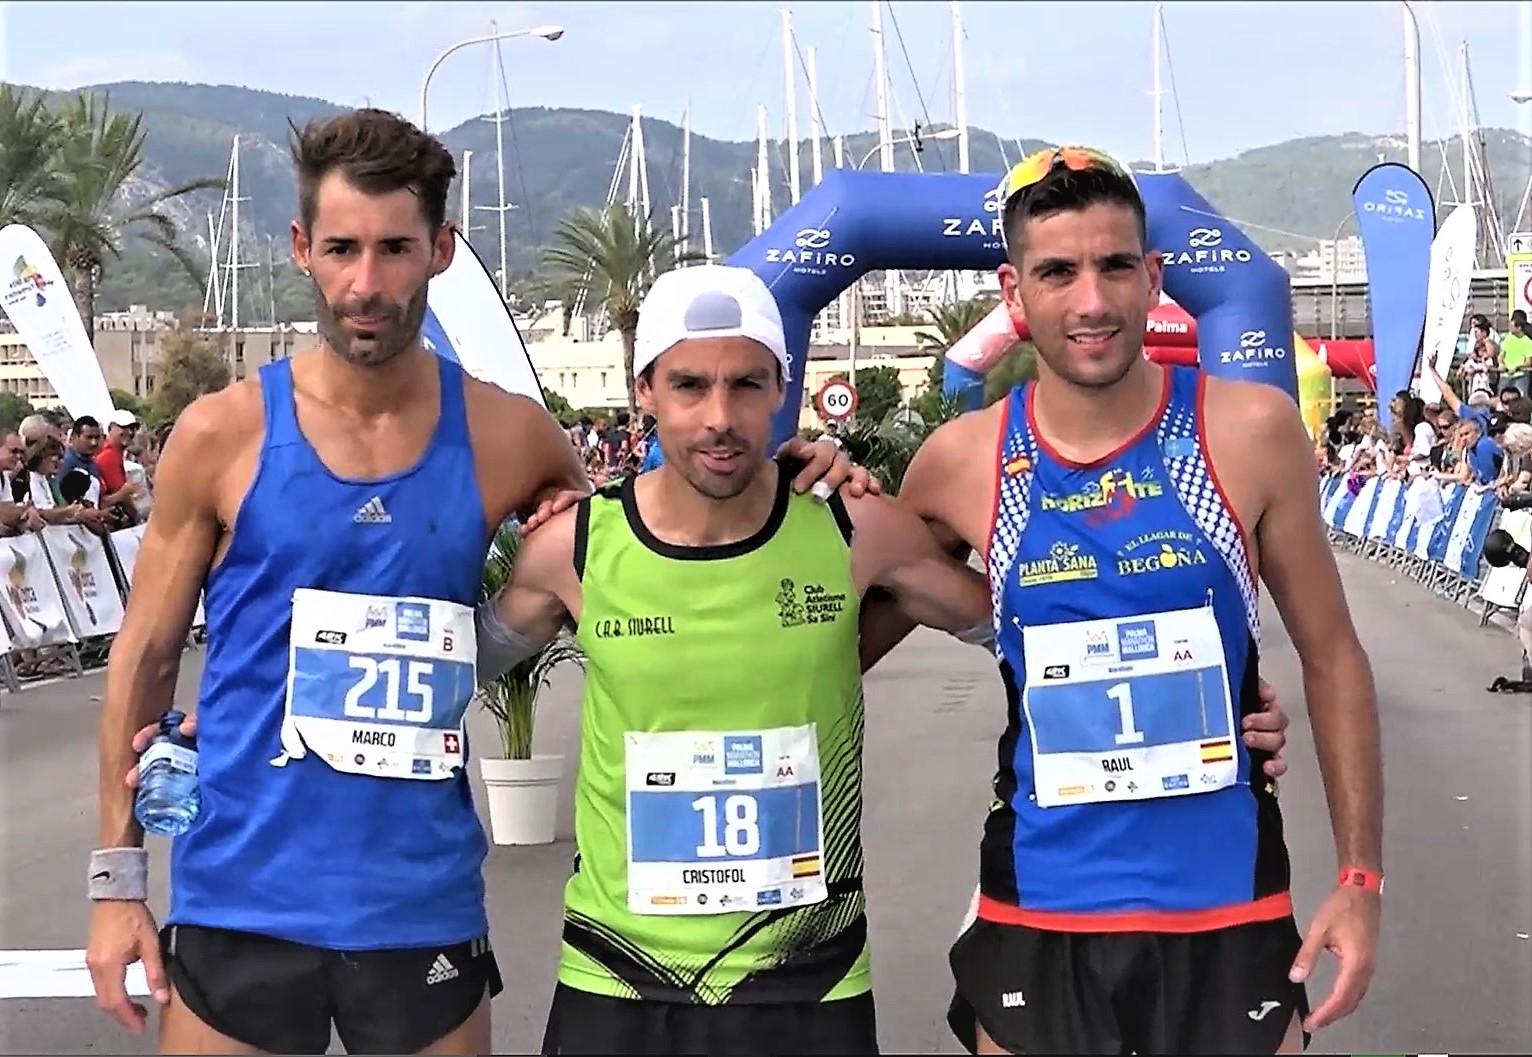 Palma Mallorca Marathon 2017: Ganan Tófol Castanyer y Rosaura Casado, campeones España Maratón Veteranos RFEA. Videos, crónica y resultados.